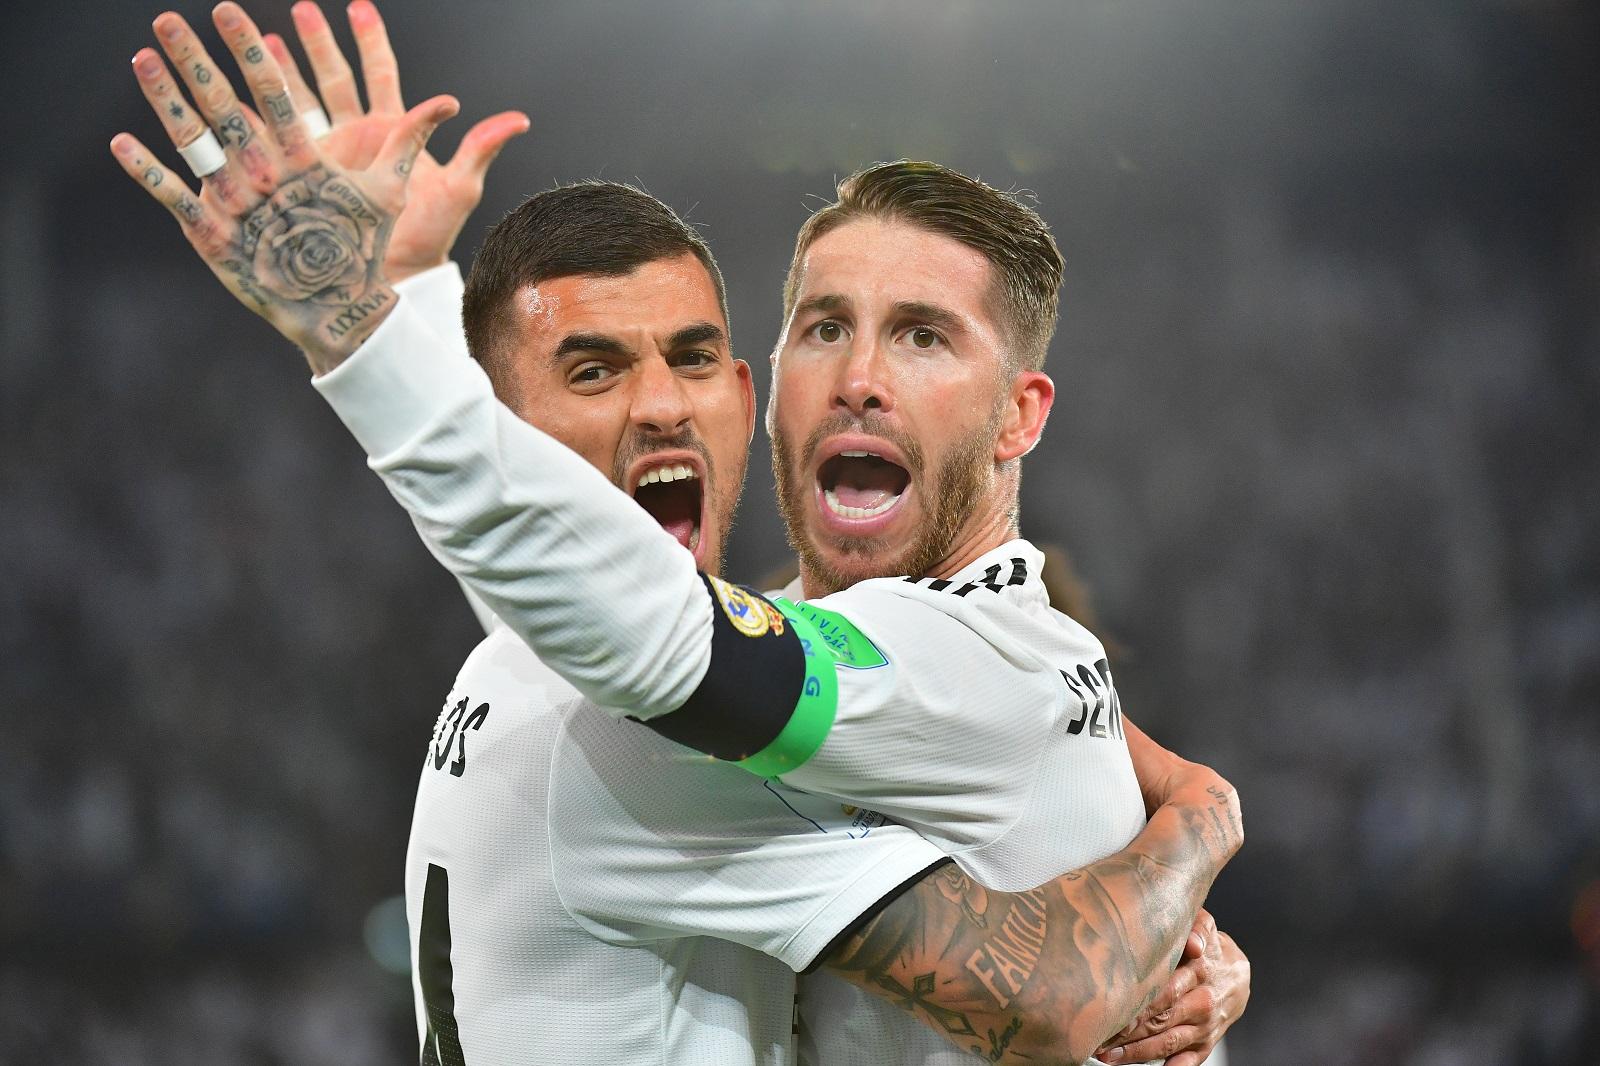 A Real Madrid szerint ellenük csal a videóbíró